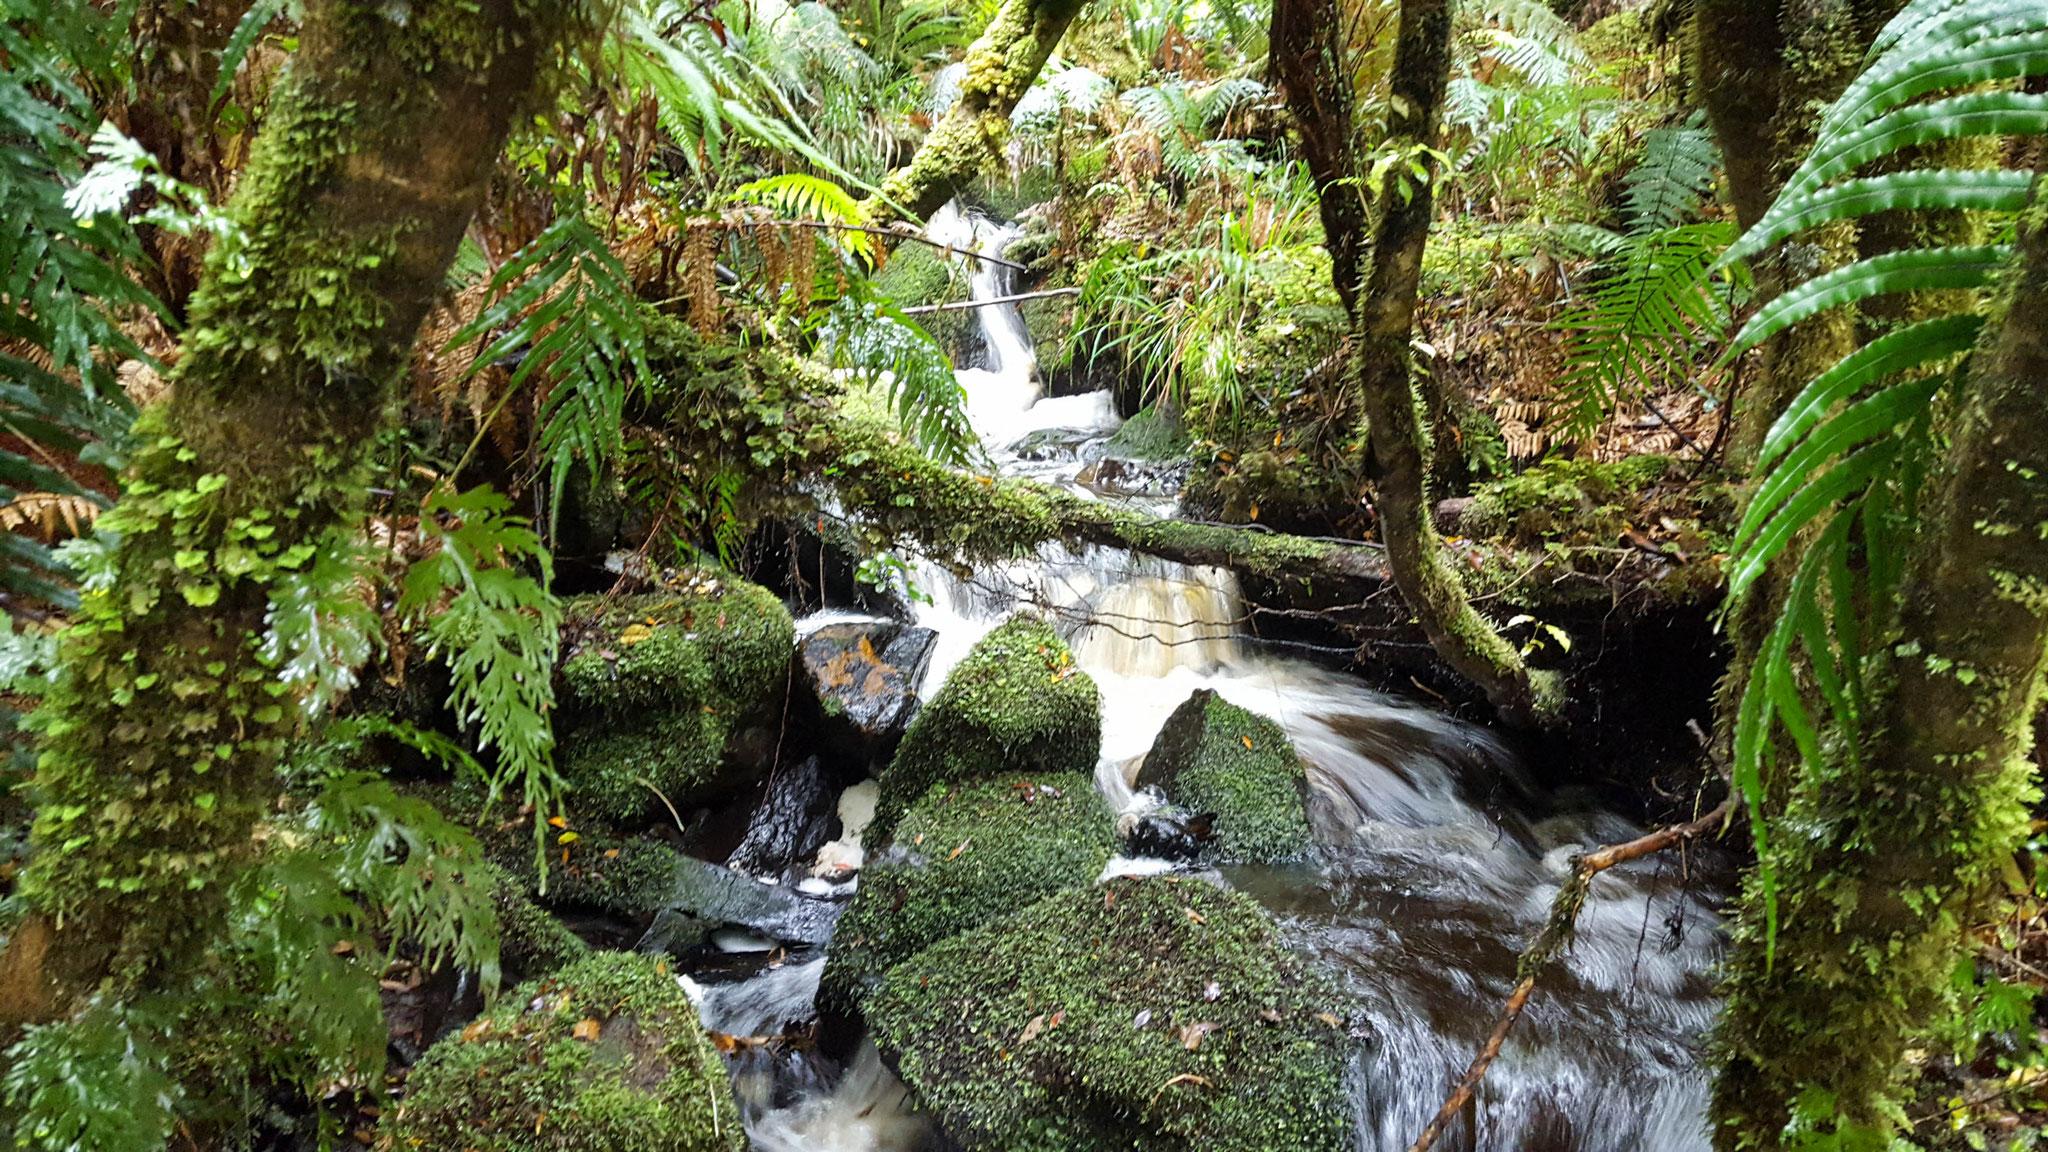 Wasser, Felsen, Bäume und Moose